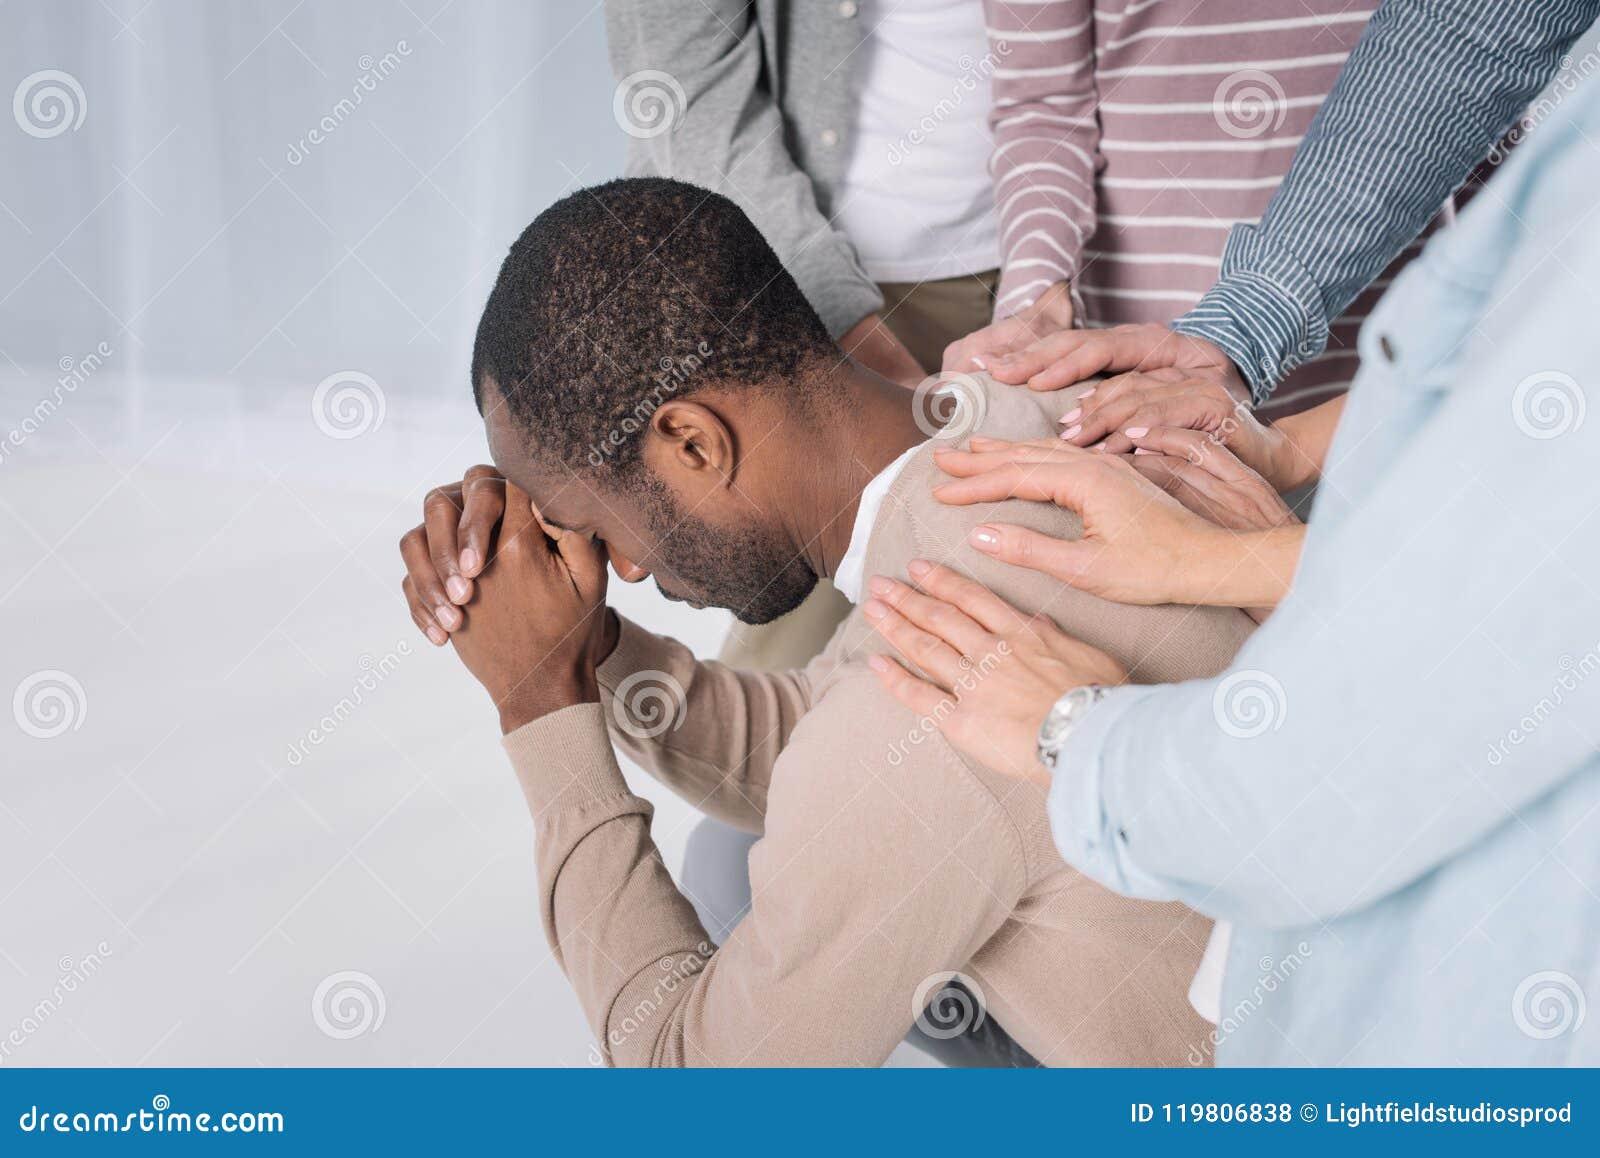 Colpo potato dell uomo afroamericano depresso sostenente della gente